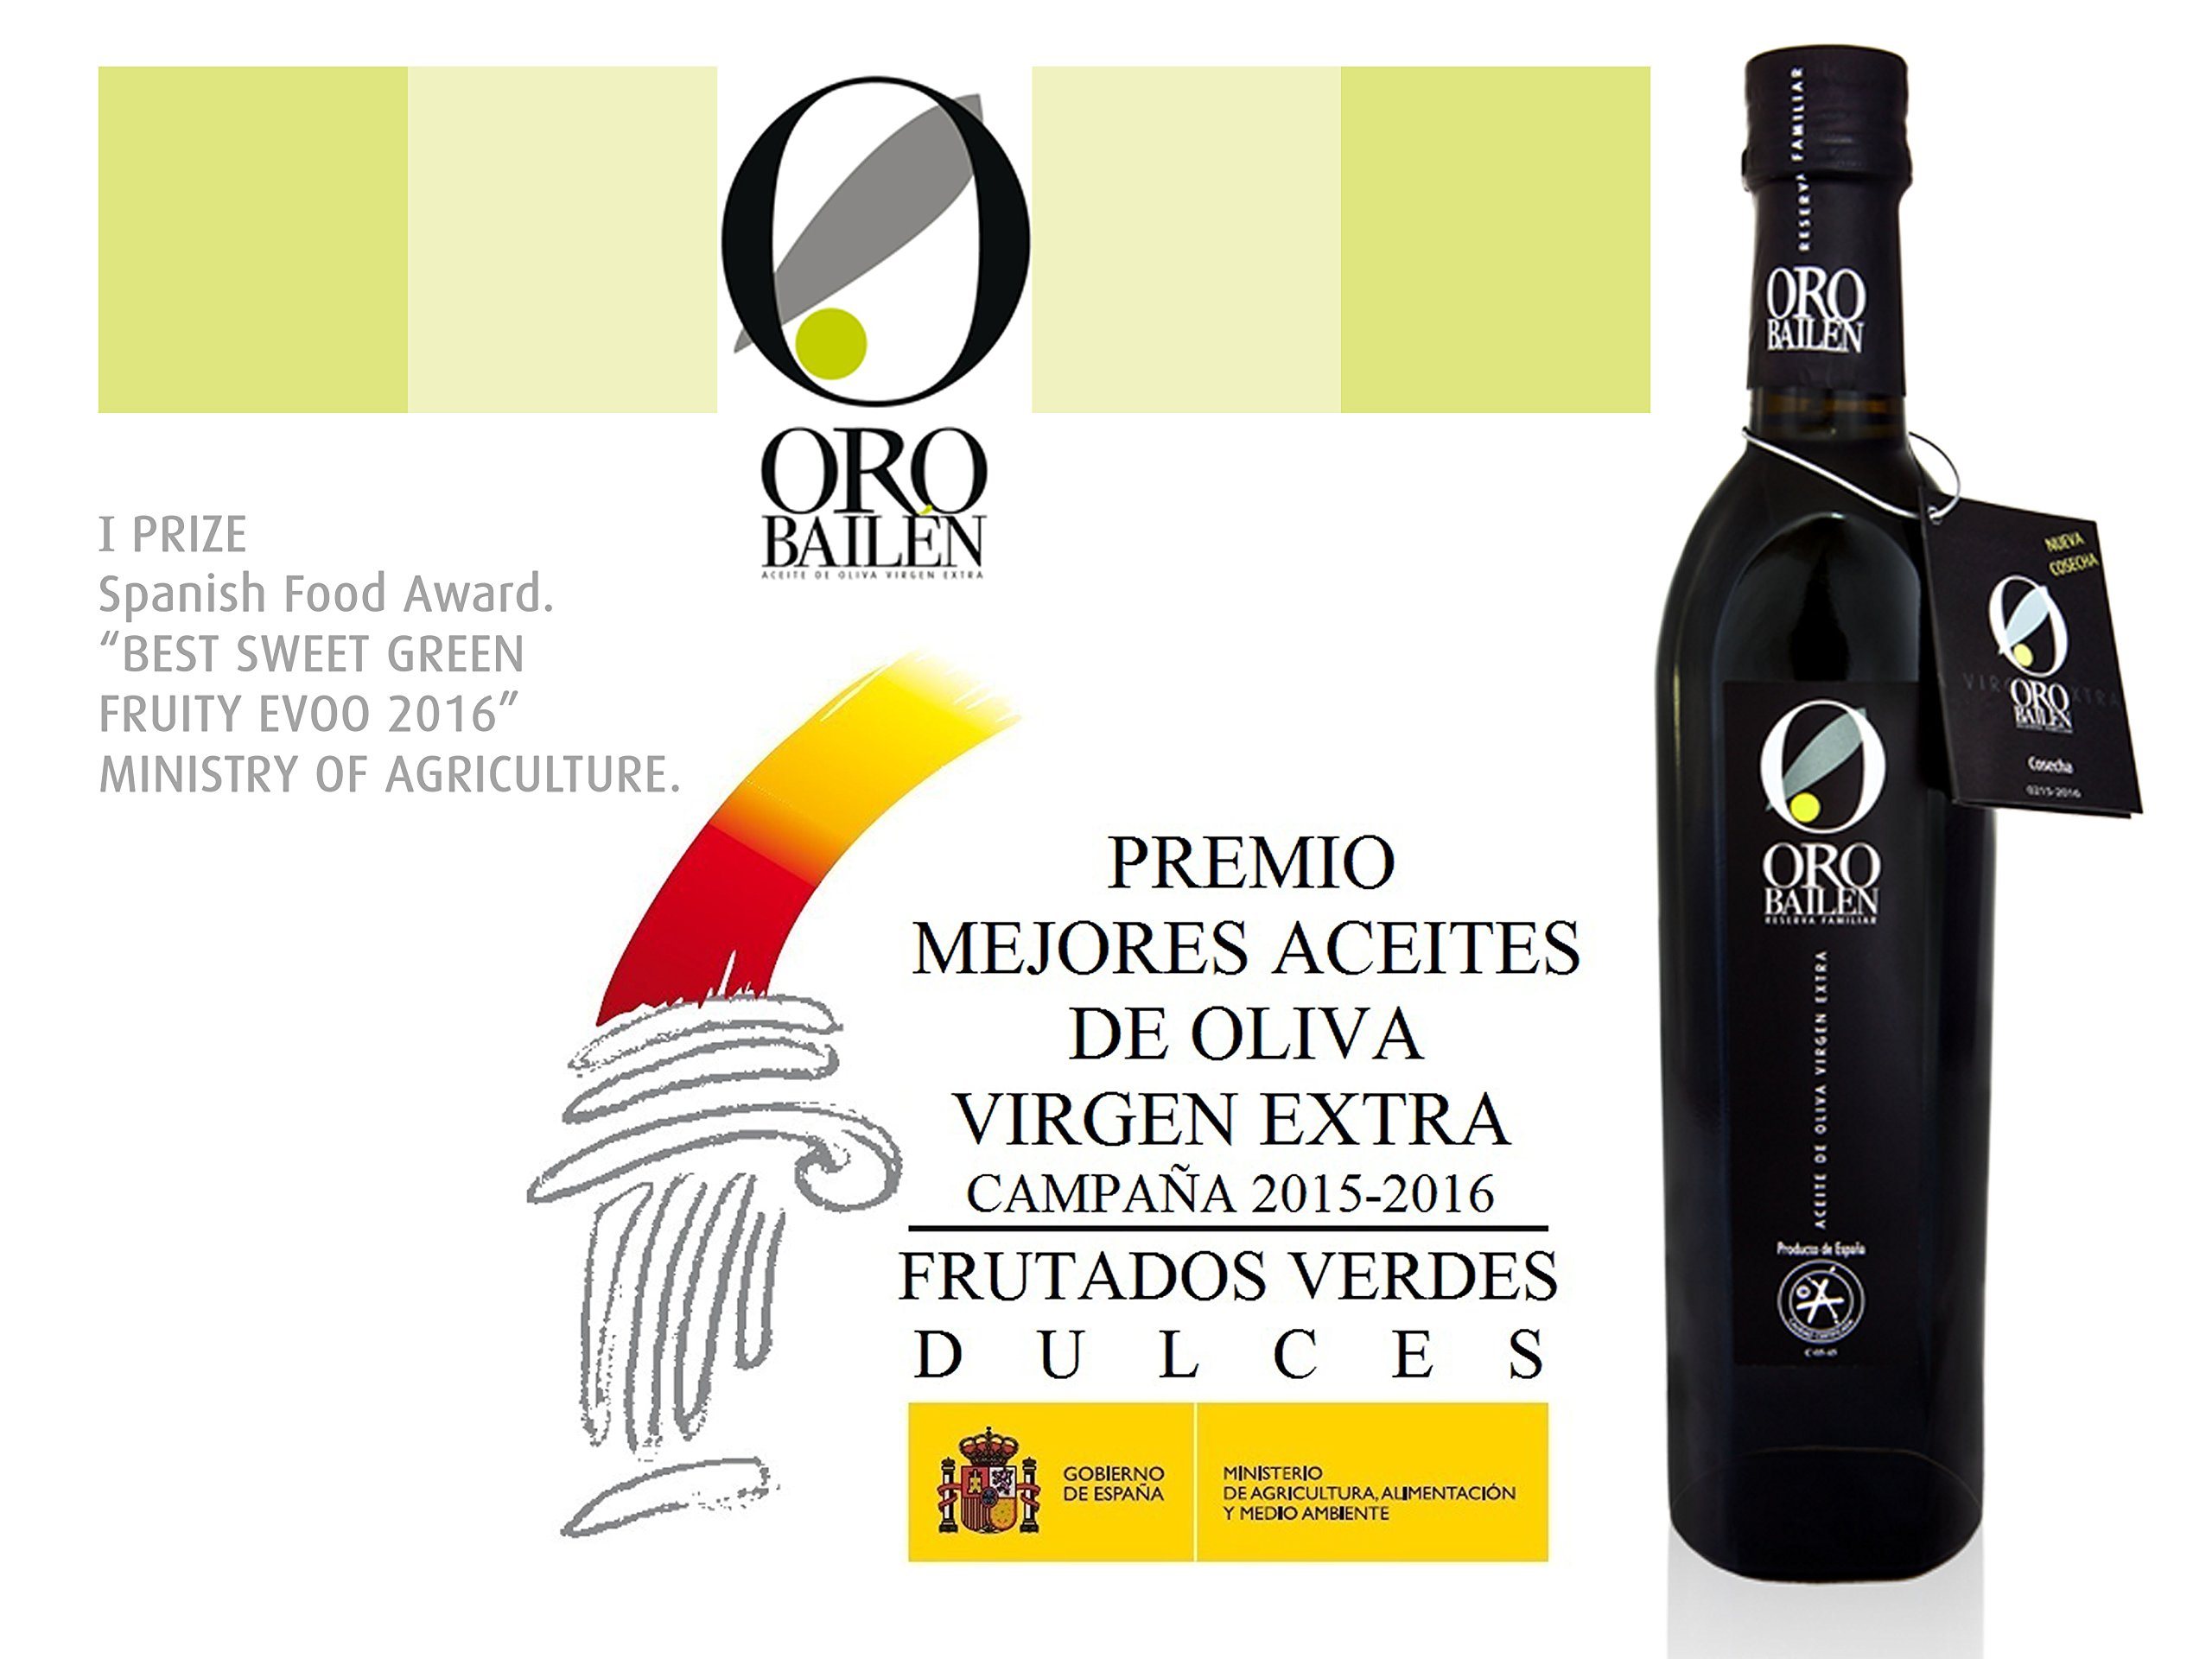 3 bottles Oro Bailen Family Reserve - Extra Virgin Olive Oil, New Harvest 2017, 17-Ounce / 500 ml by Oro Bailen (Image #8)